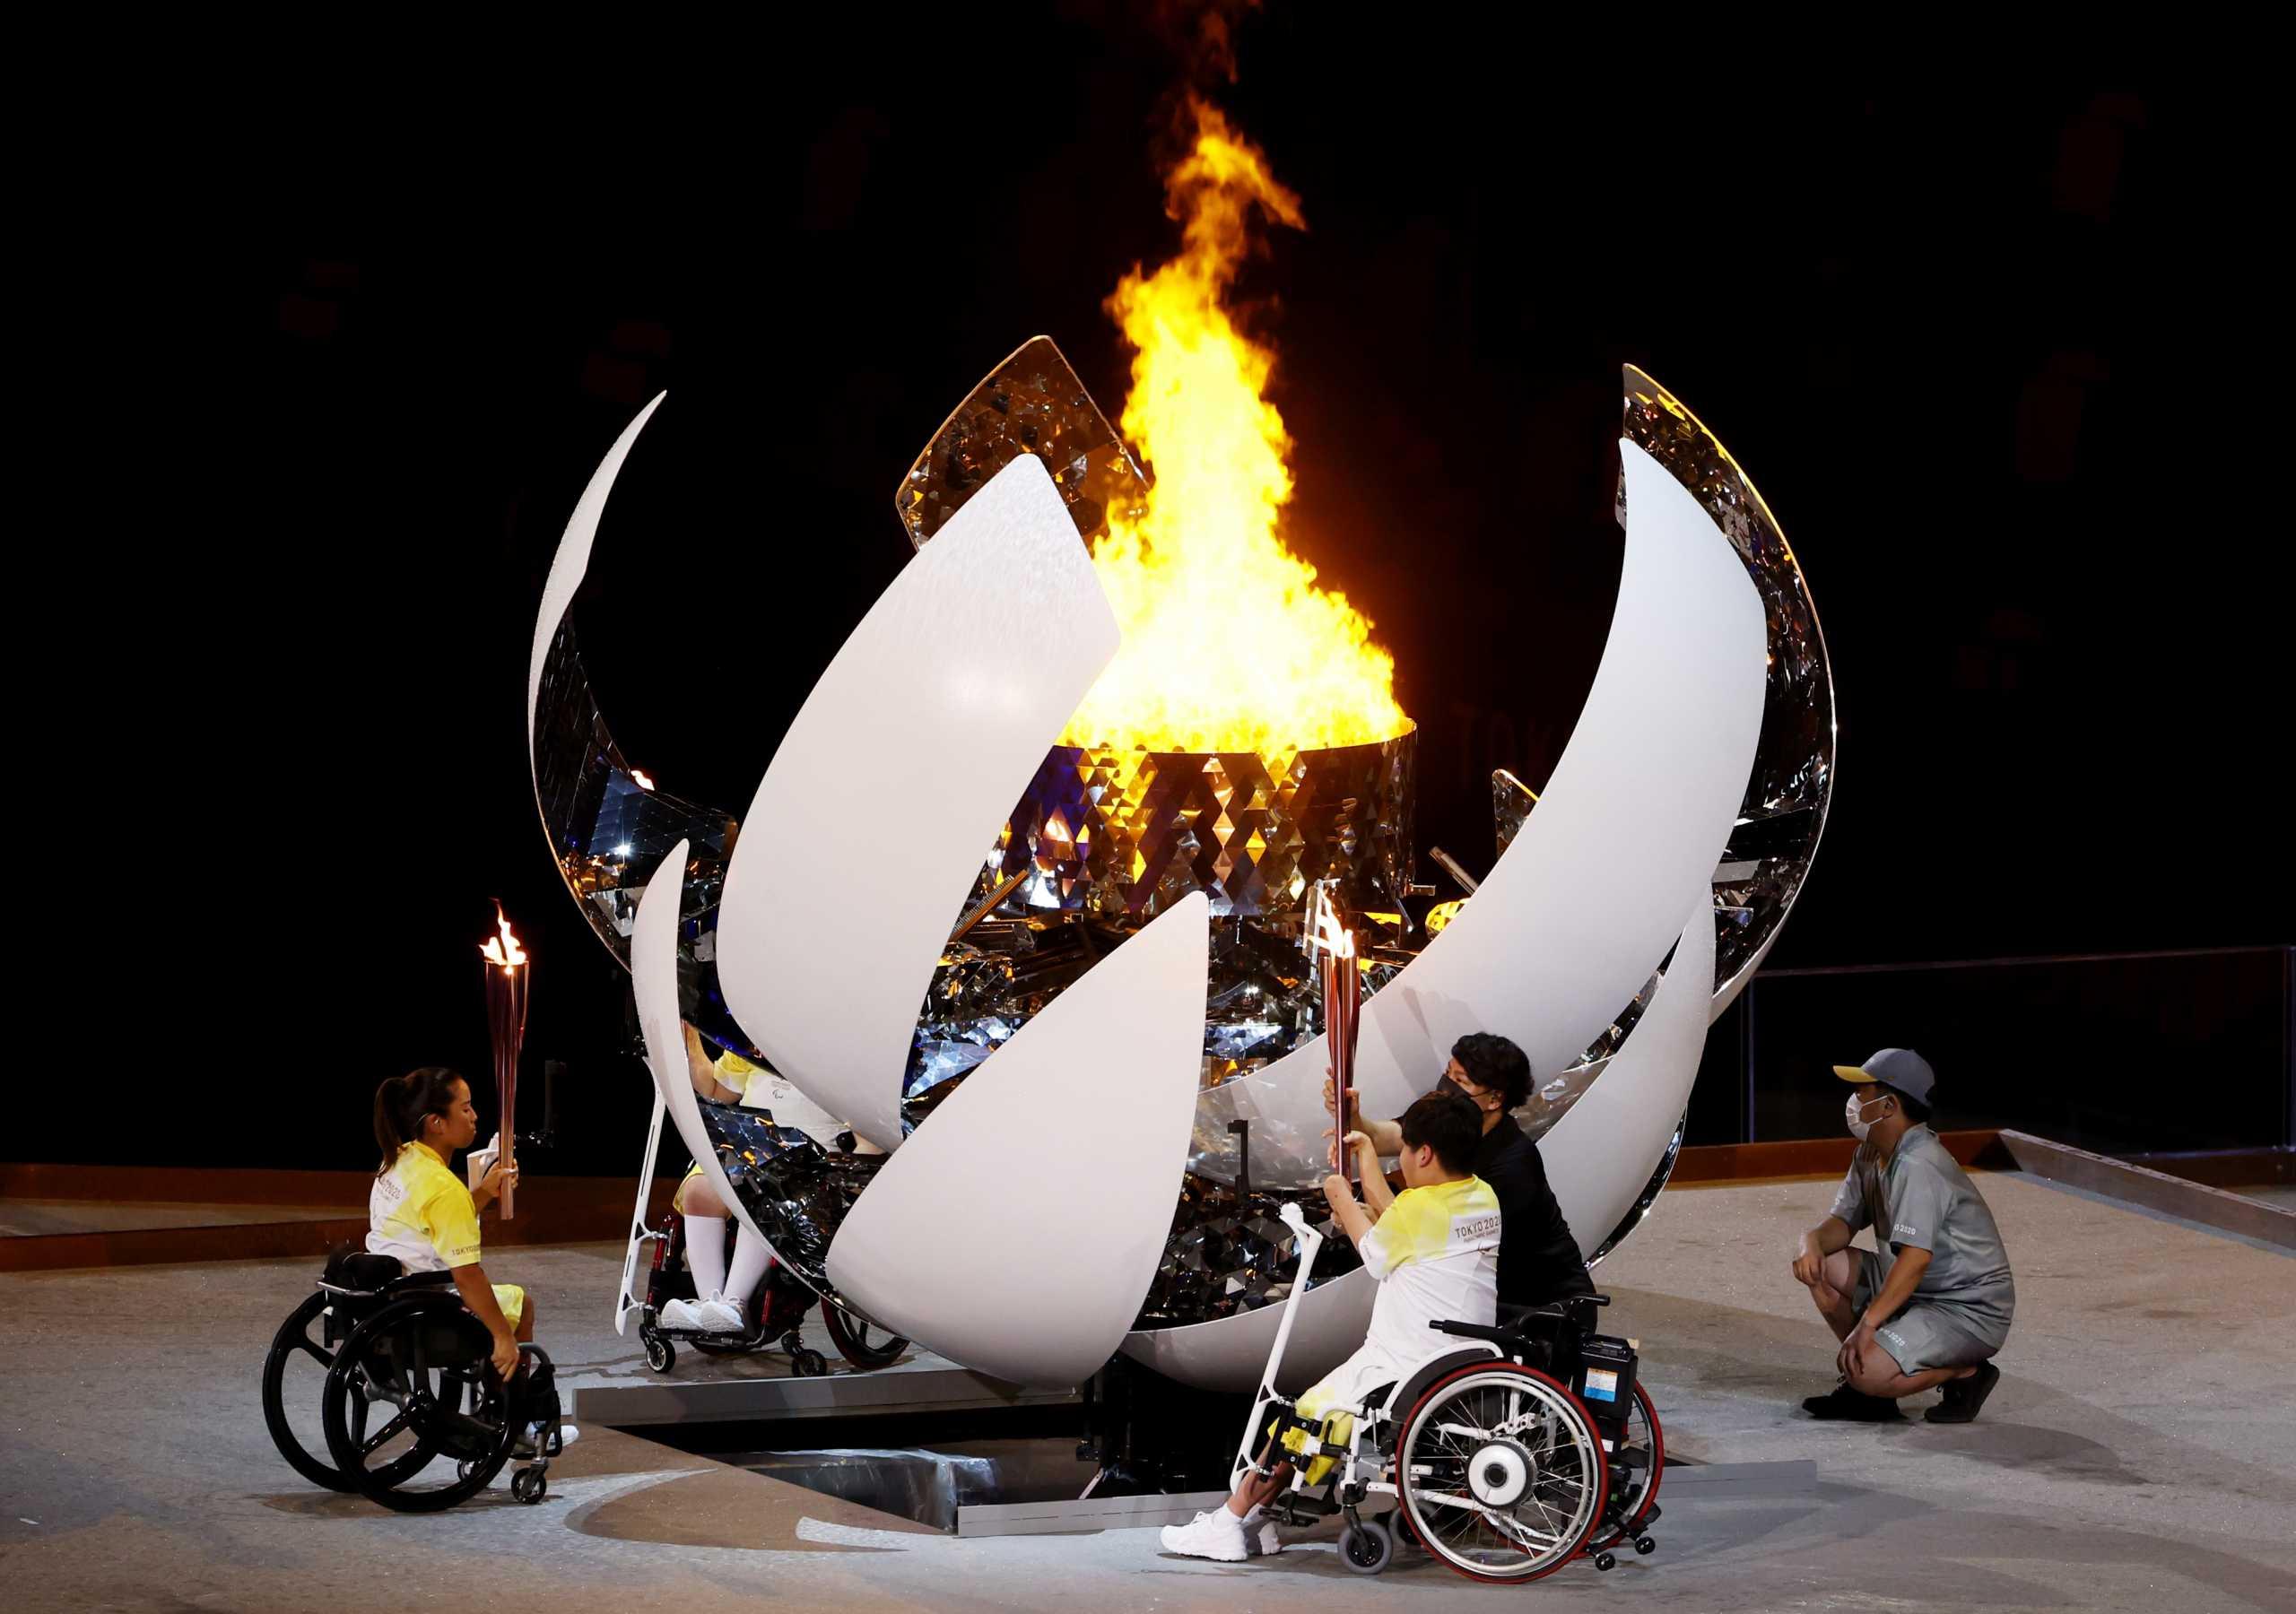 Παραολυμπιακοί Αγώνες: Η εντυπωσιακή Τελετή Έναρξης στο Τόκιο